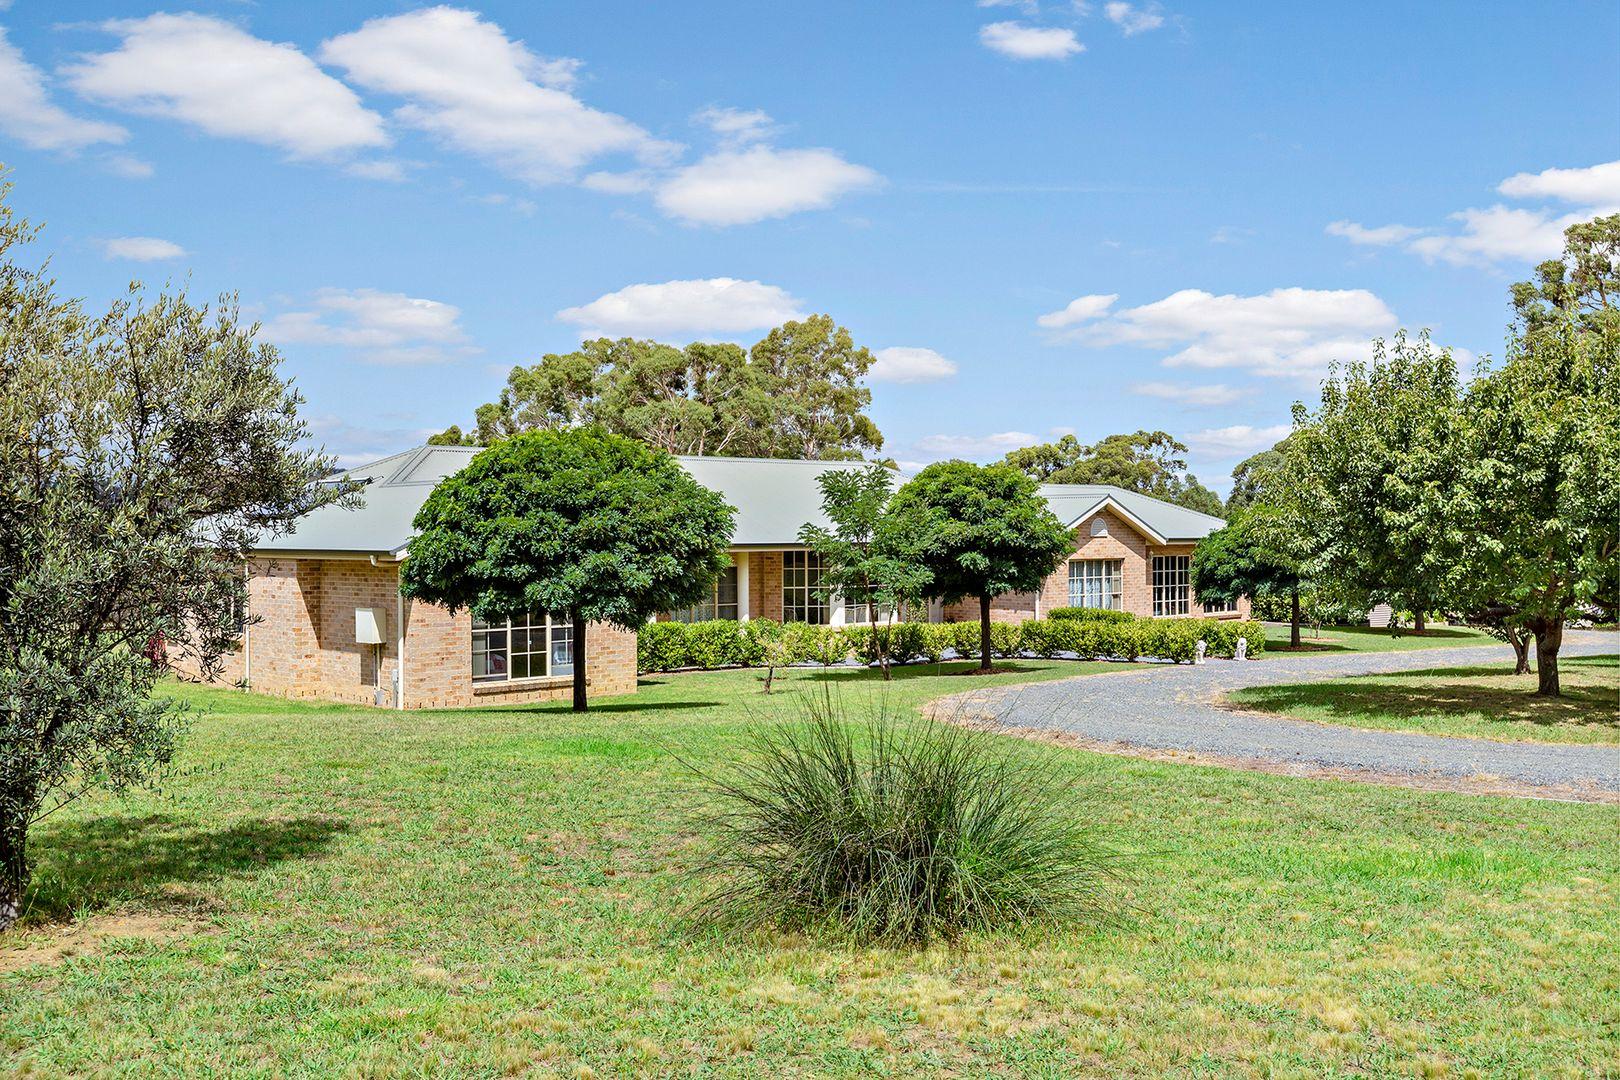 13-15 Berrima Drive, Berrima NSW 2577, Image 0